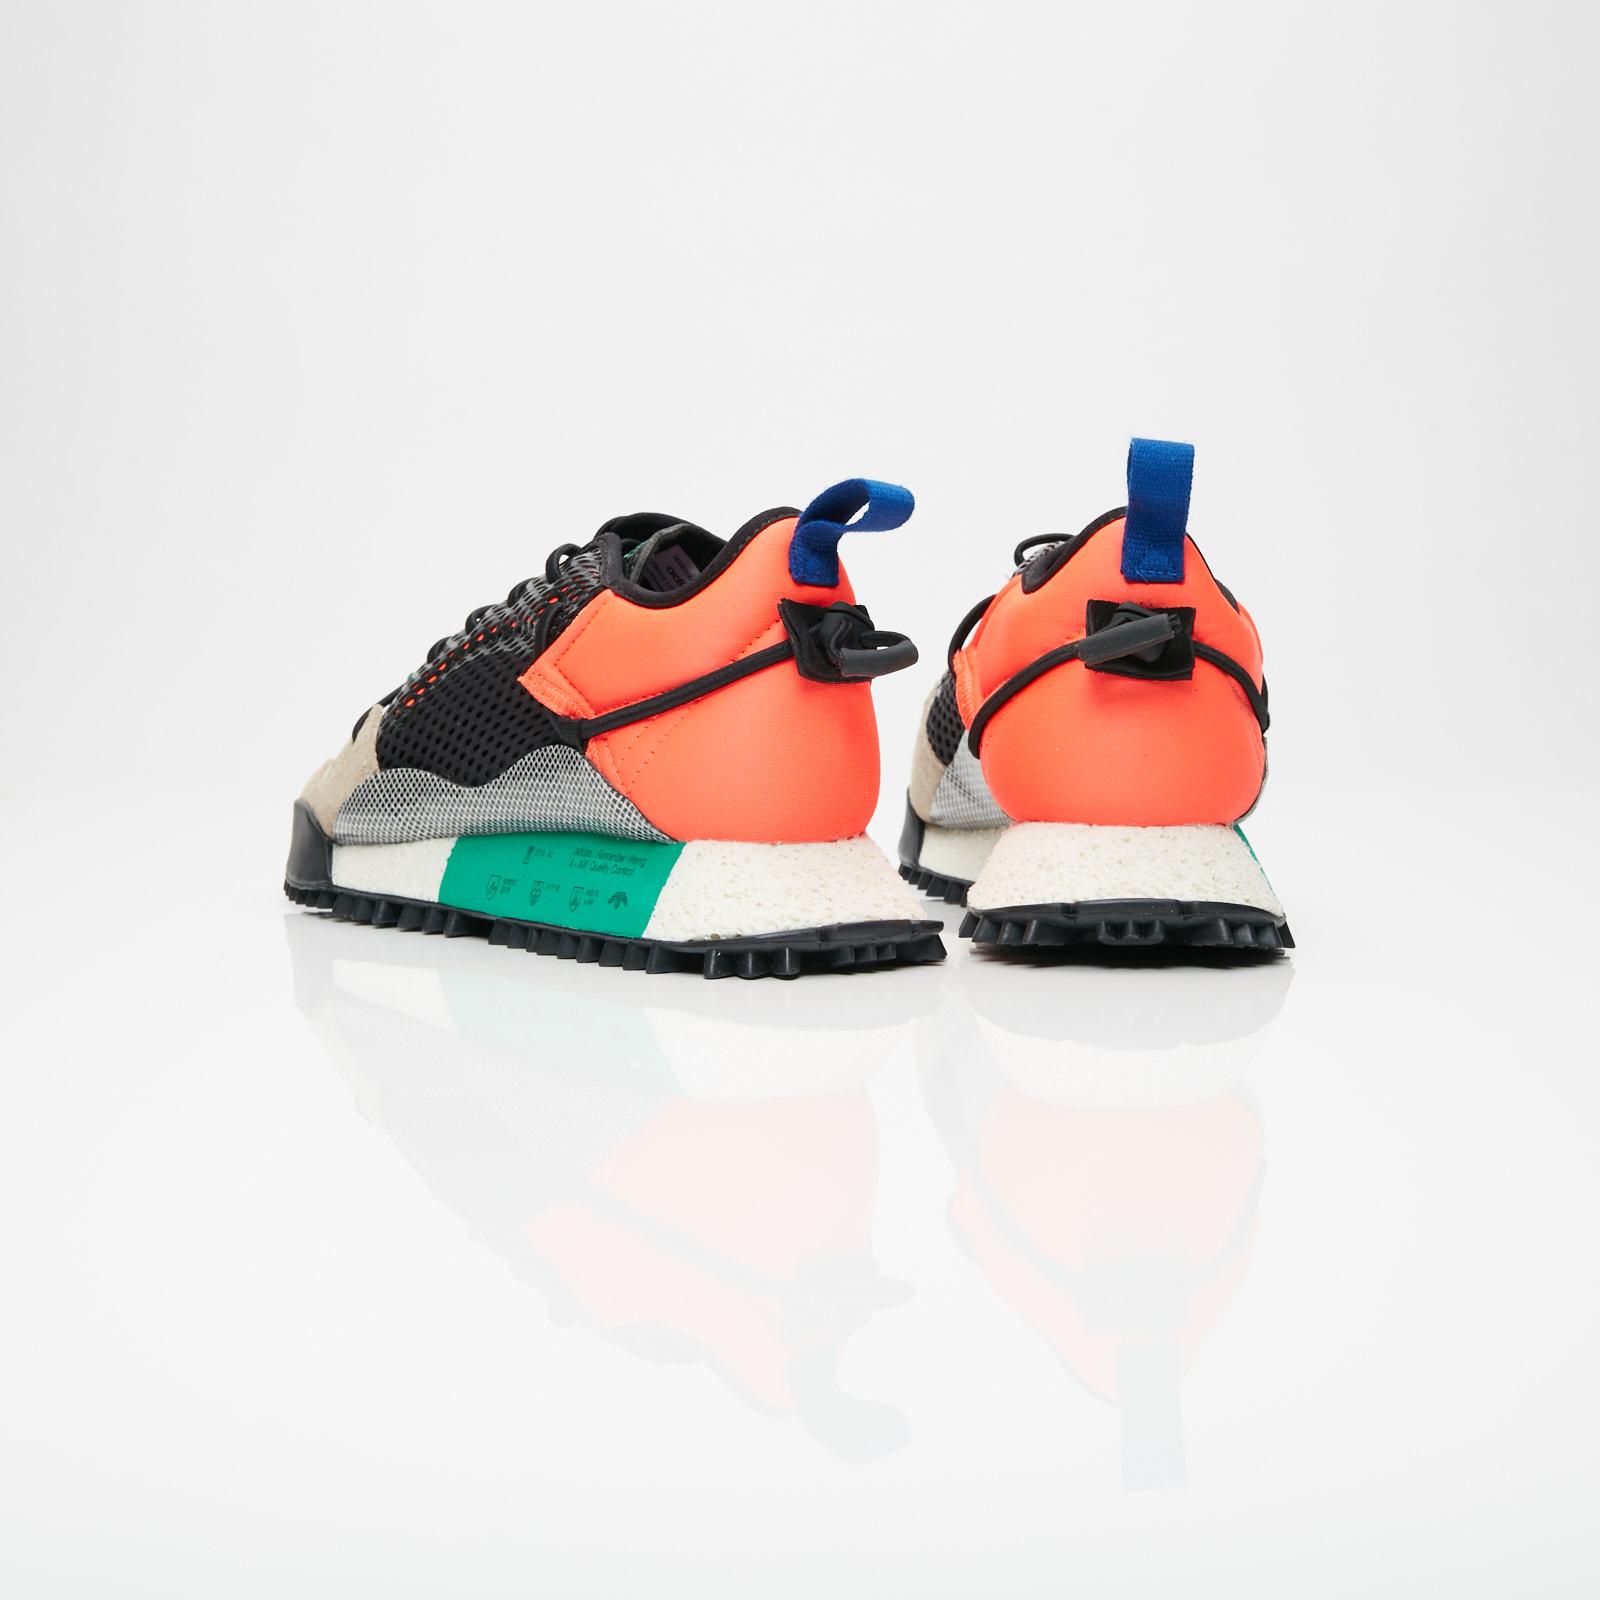 new arrival 58ff8 6d1f1 ... adidas Originals by Alexander Wang Reissue Run x Alexander Wang ...